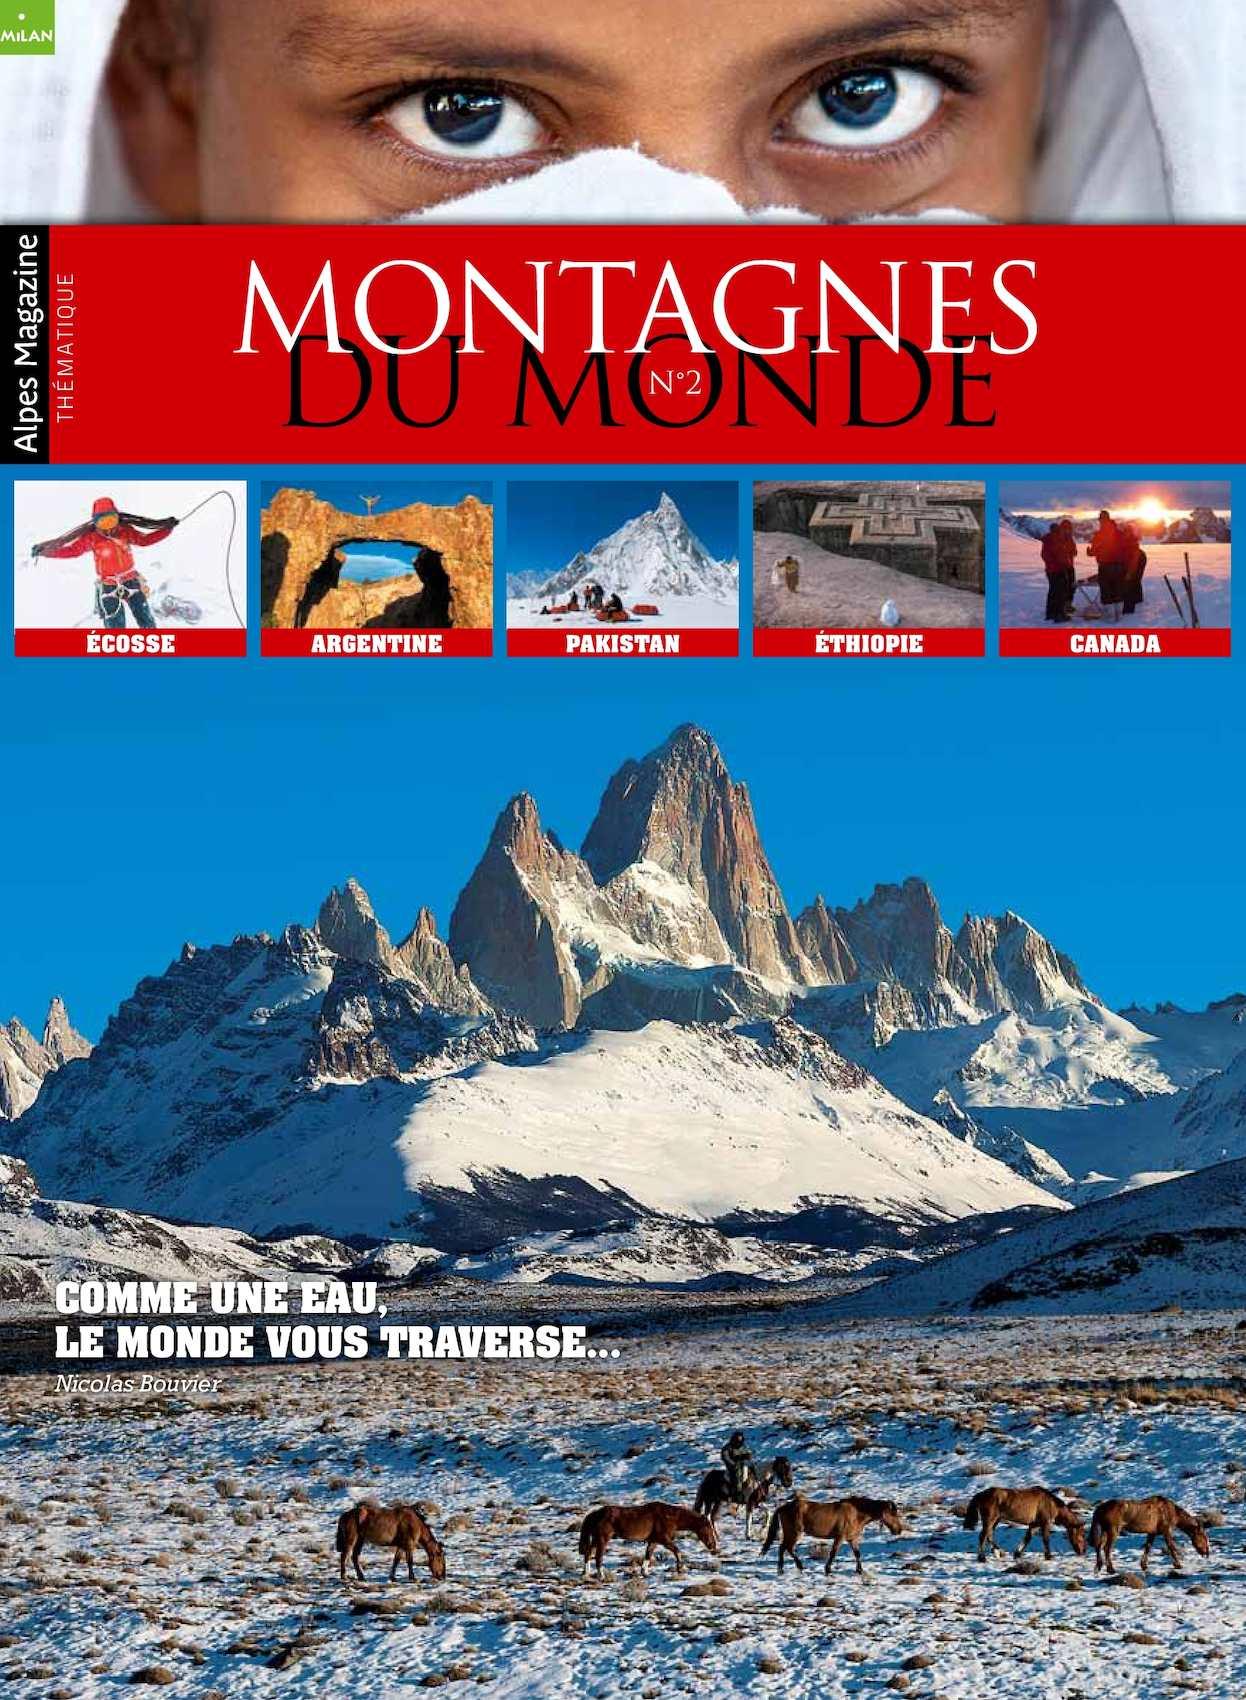 N°2 Calaméo Calaméo Montagnes Du Monde m0wOnyvN8